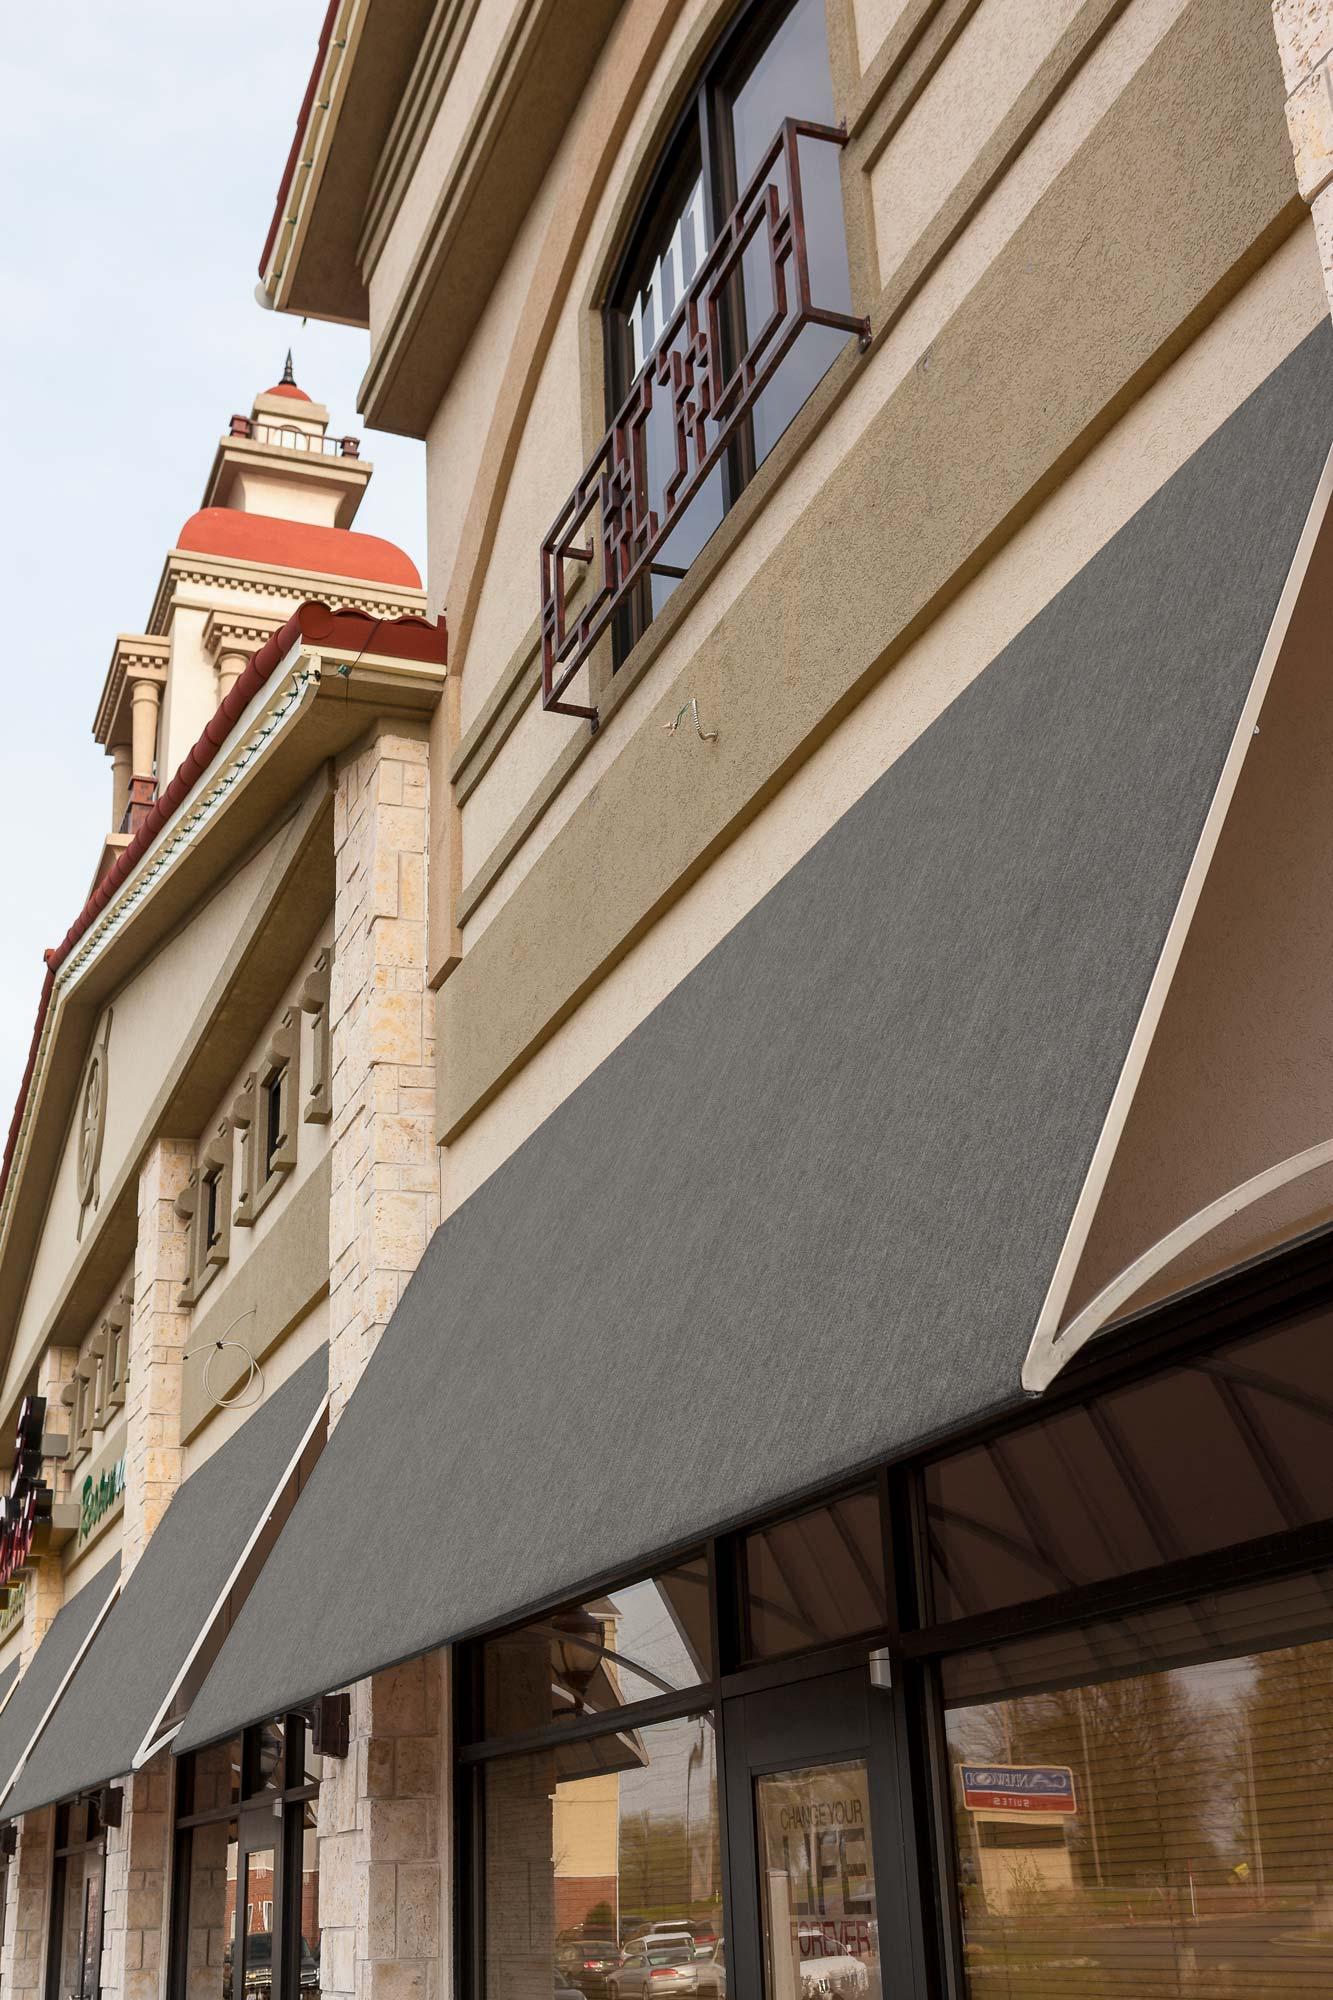 Plan latéral montrant une rangée de vitrines de magasins protégées par des auvents en tissus Sunbrella SeaMark.